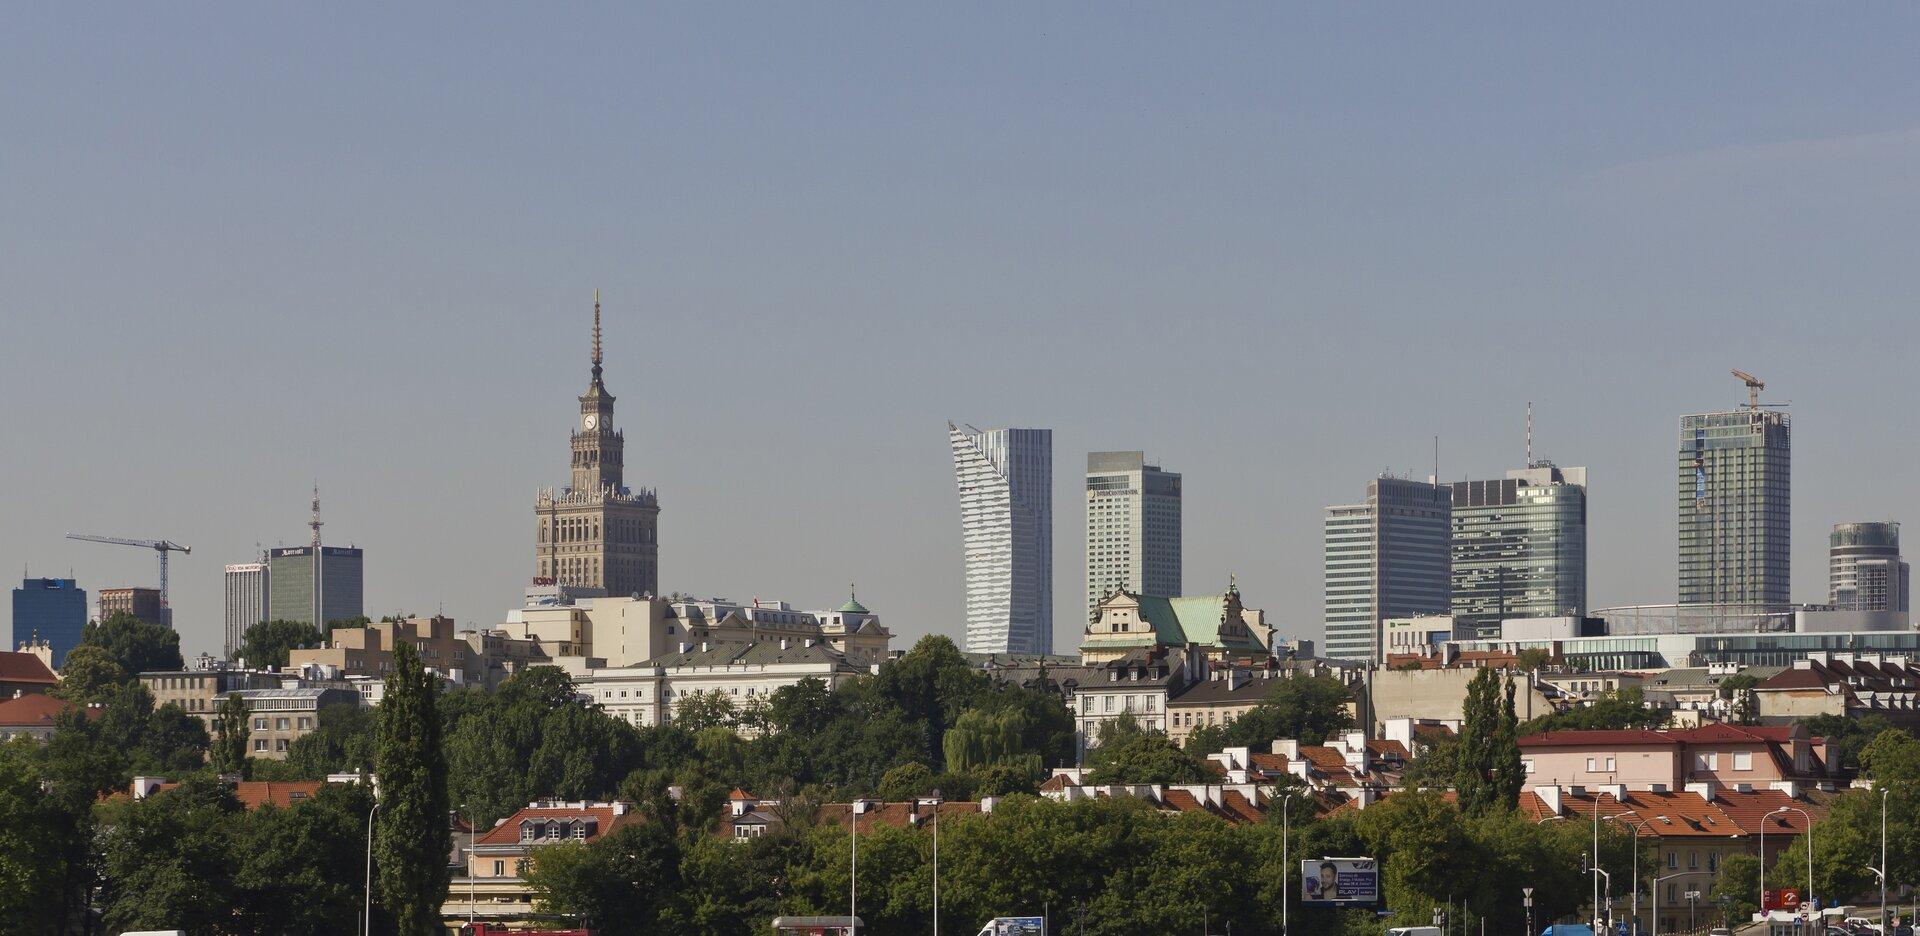 Na zdjęciu nowoczesna zabudowa biurowa. Bardzo wysokie budynki wcentrum miasta.